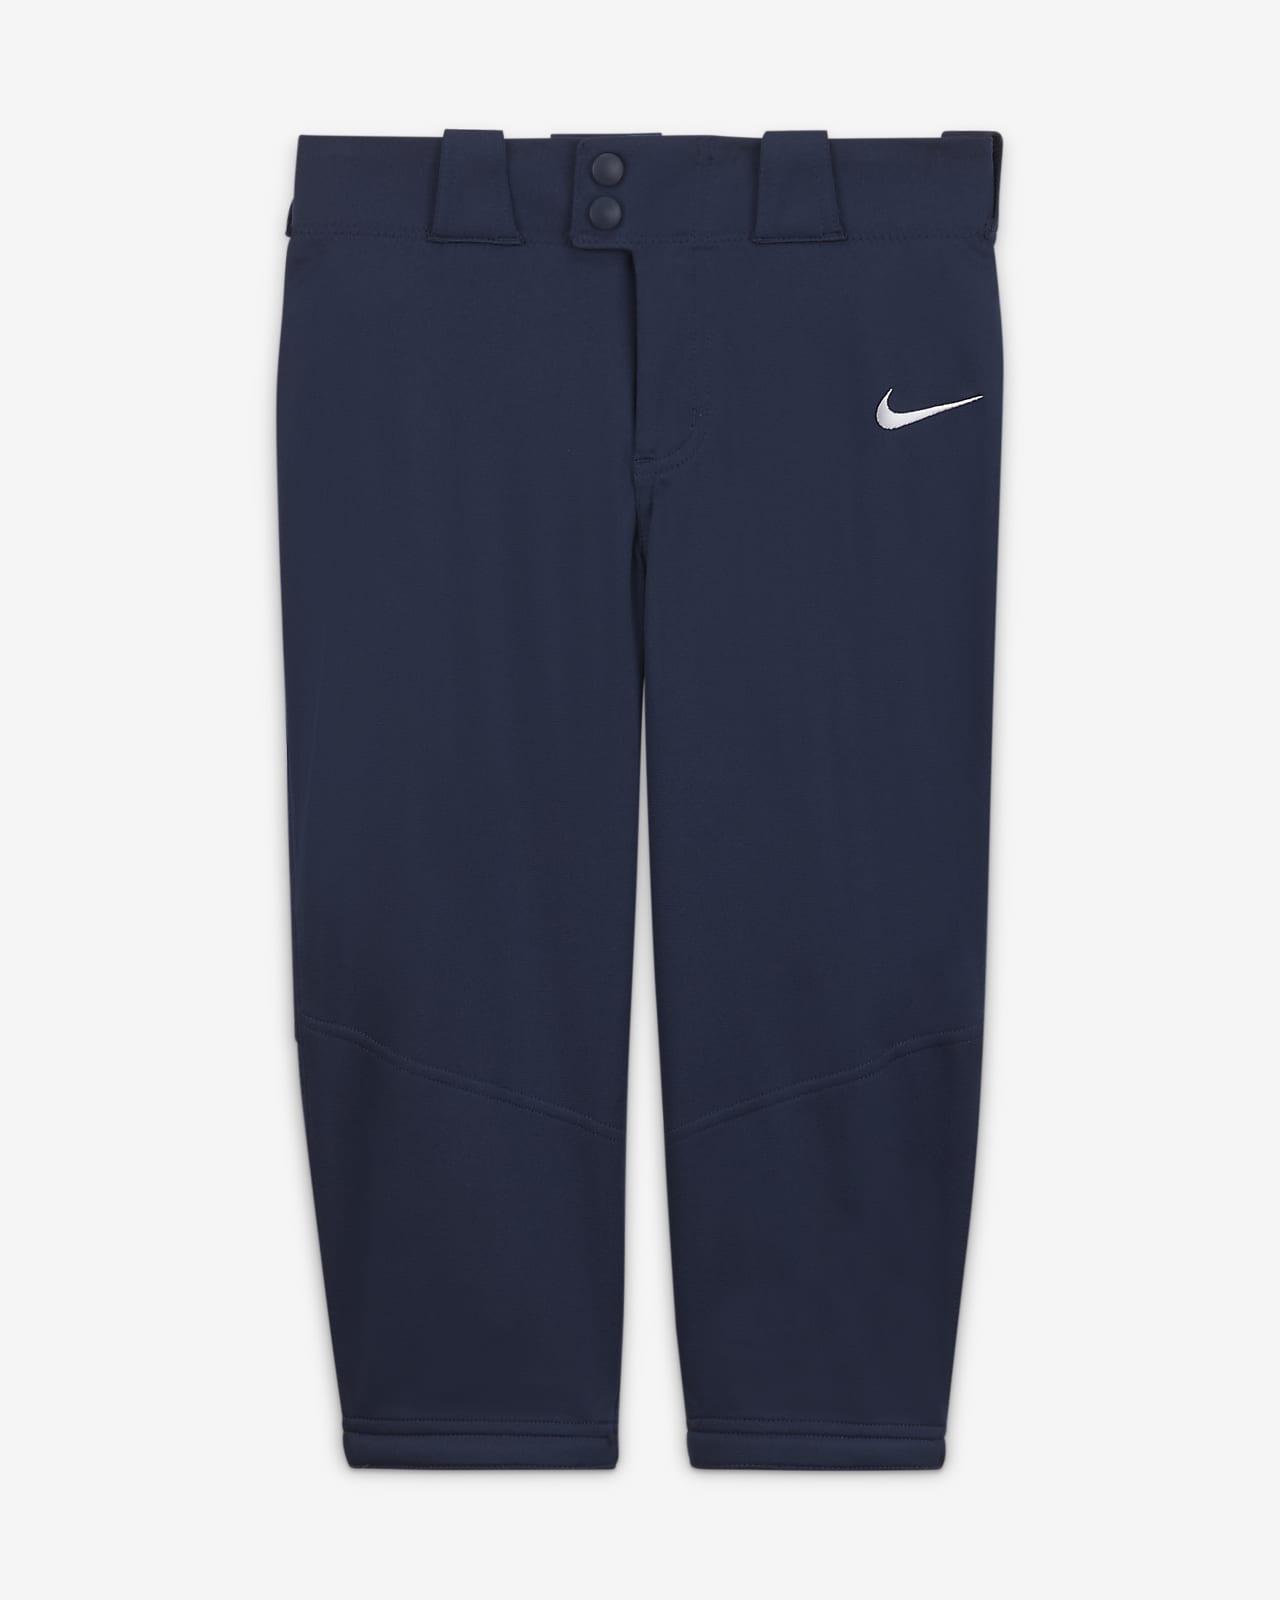 Nike Vapor Select Big Kids' (Girls') Softball Pants